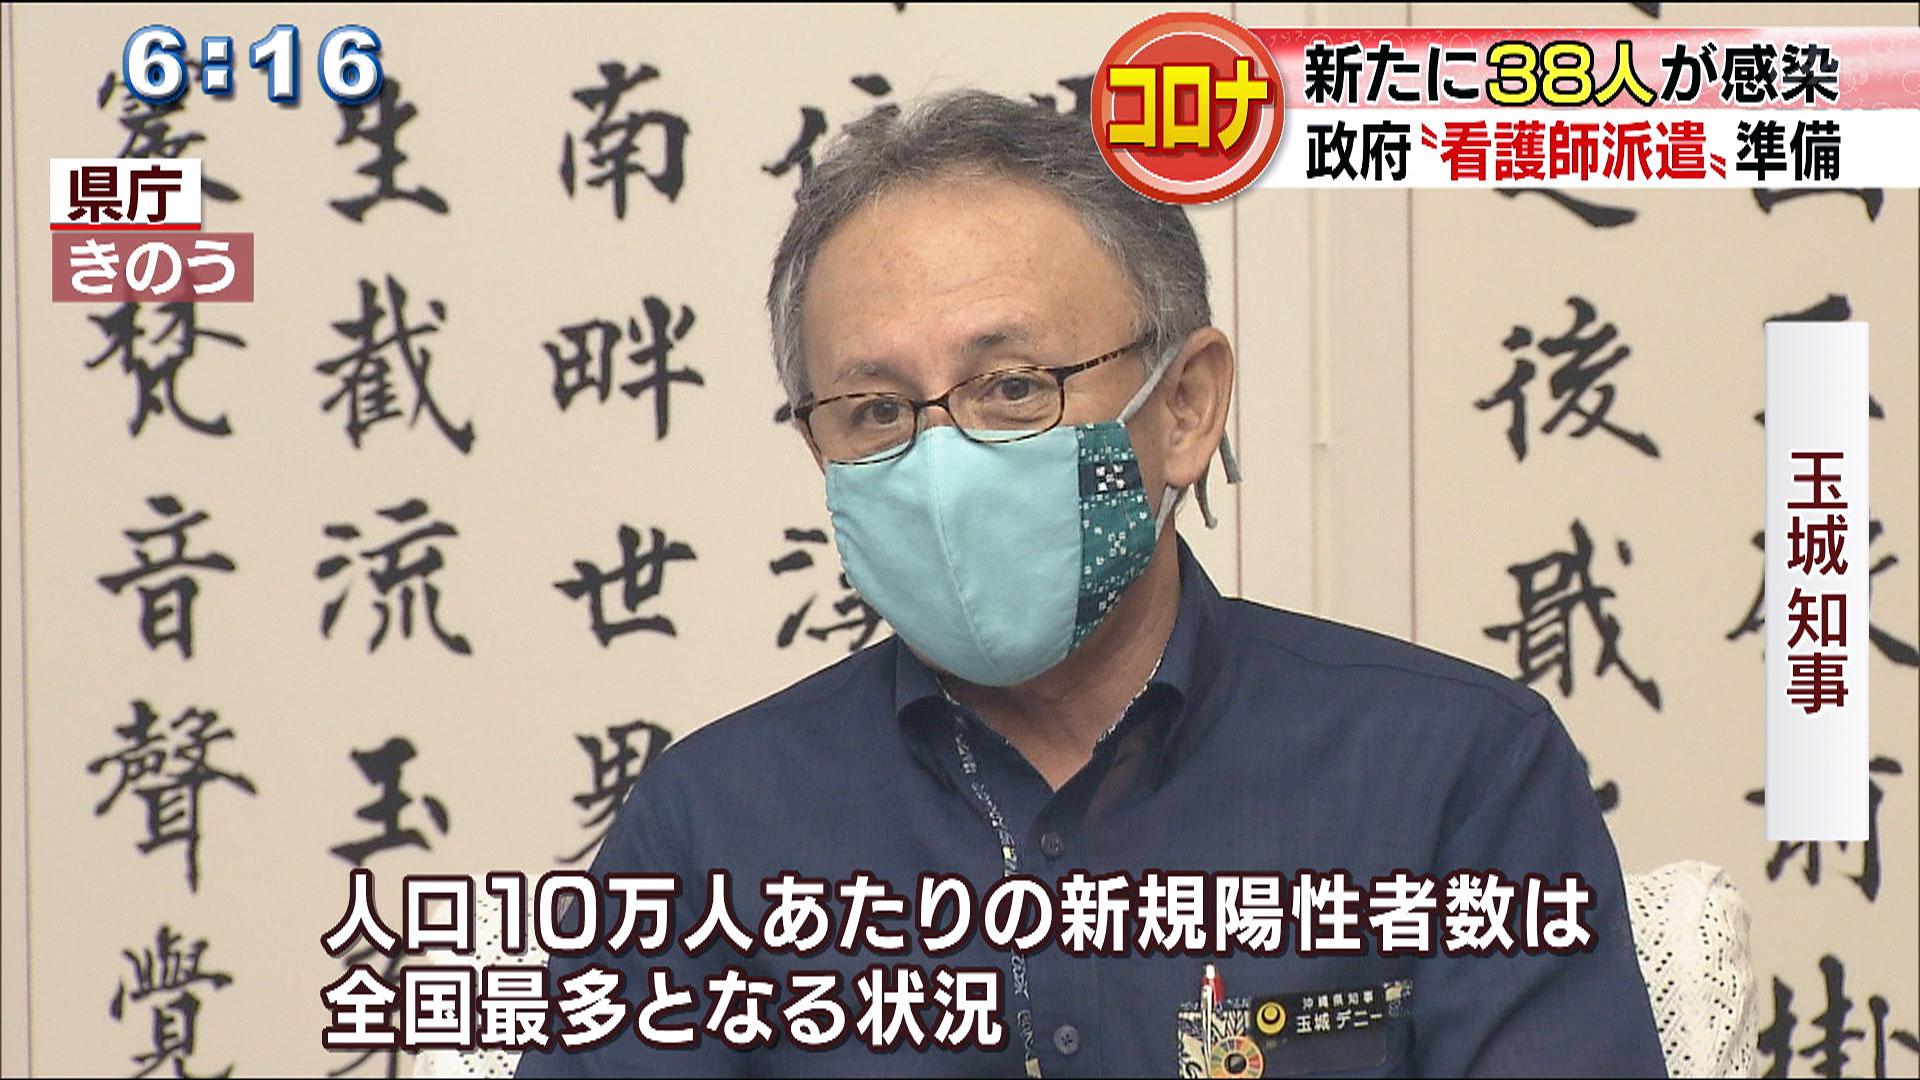 県内新たに38人感染